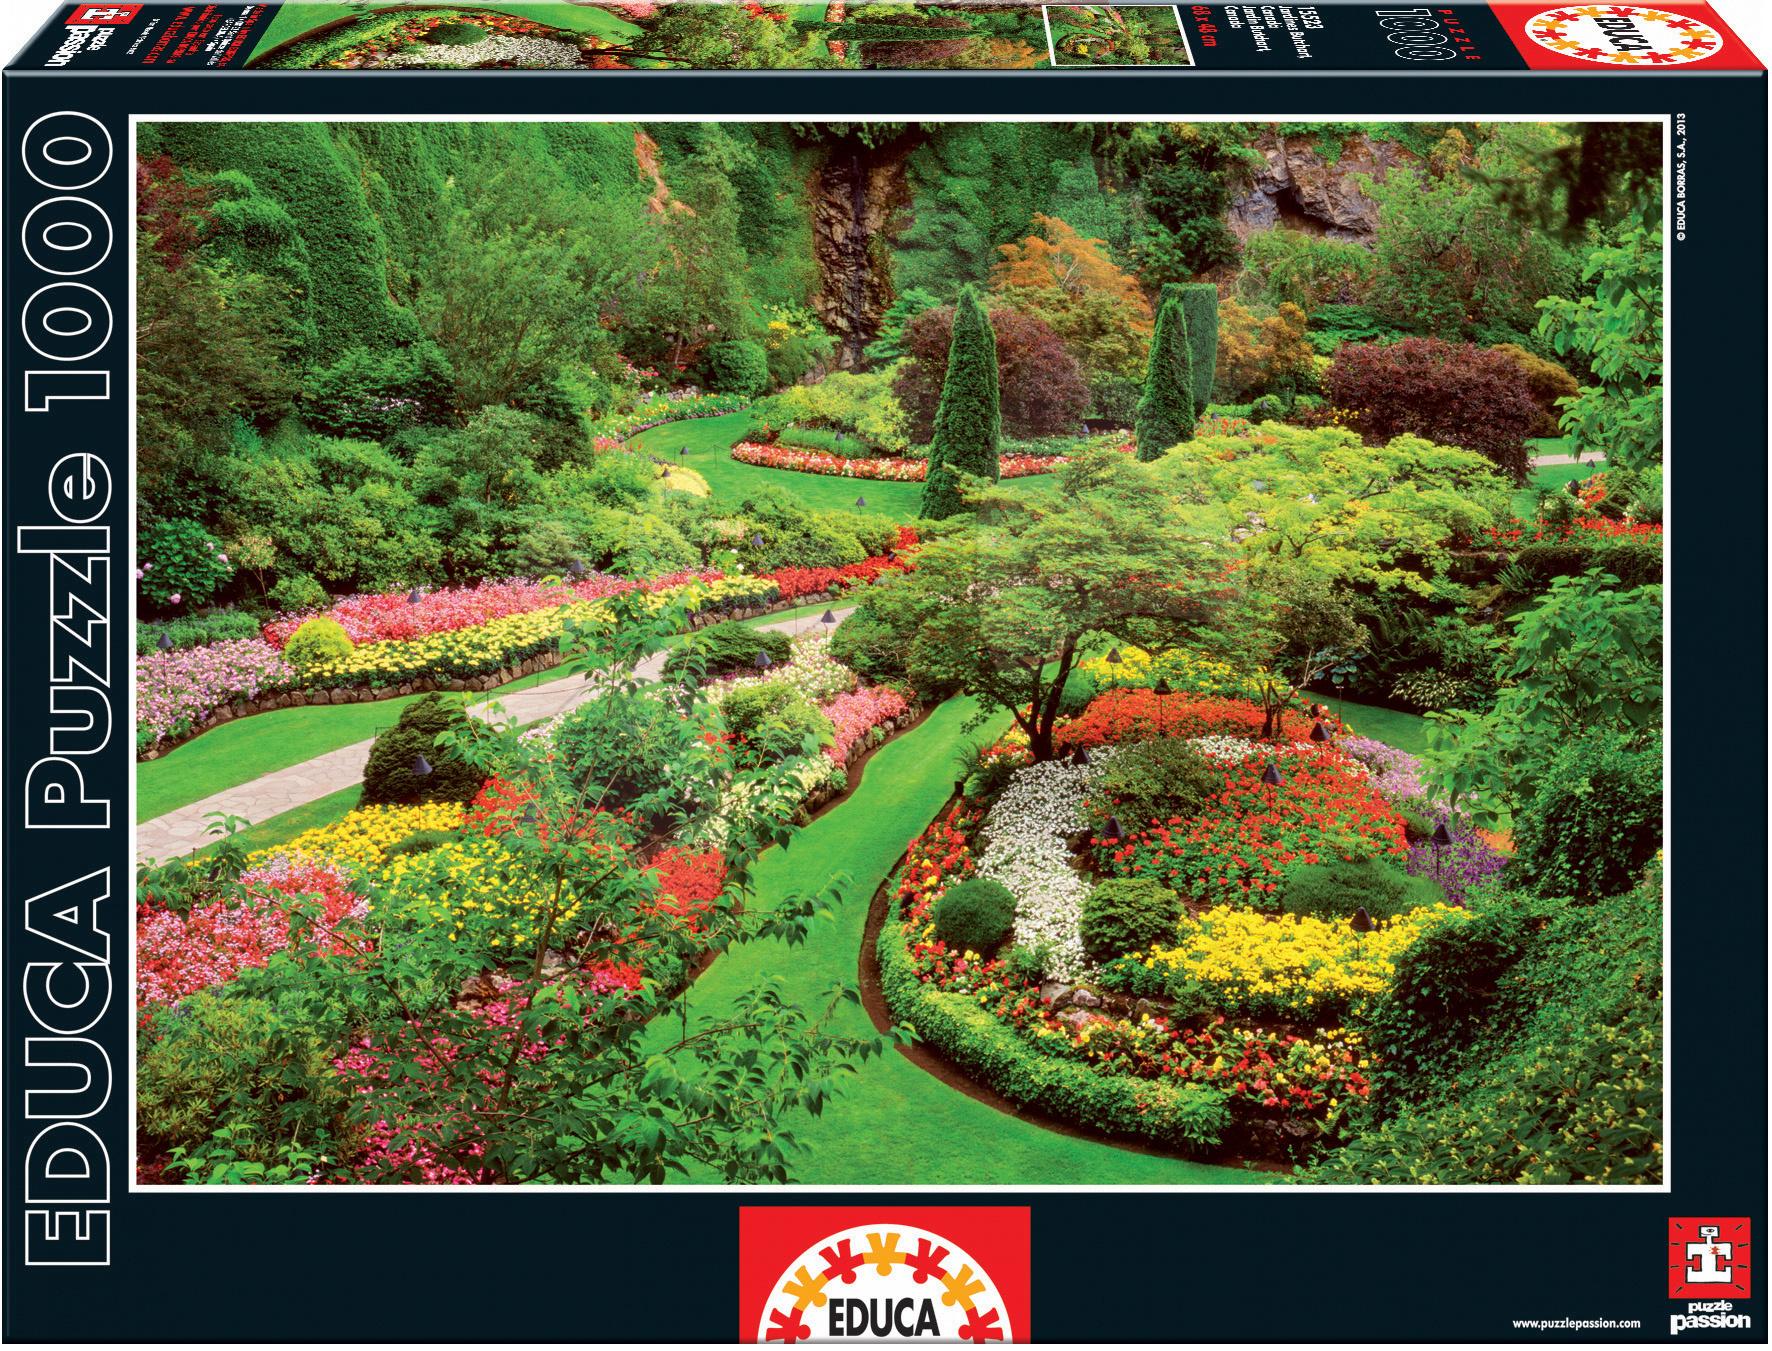 Puzzle 1000 dielne - Puzzle Butchart Gardens Educa 1000 dielov od 12 rokov